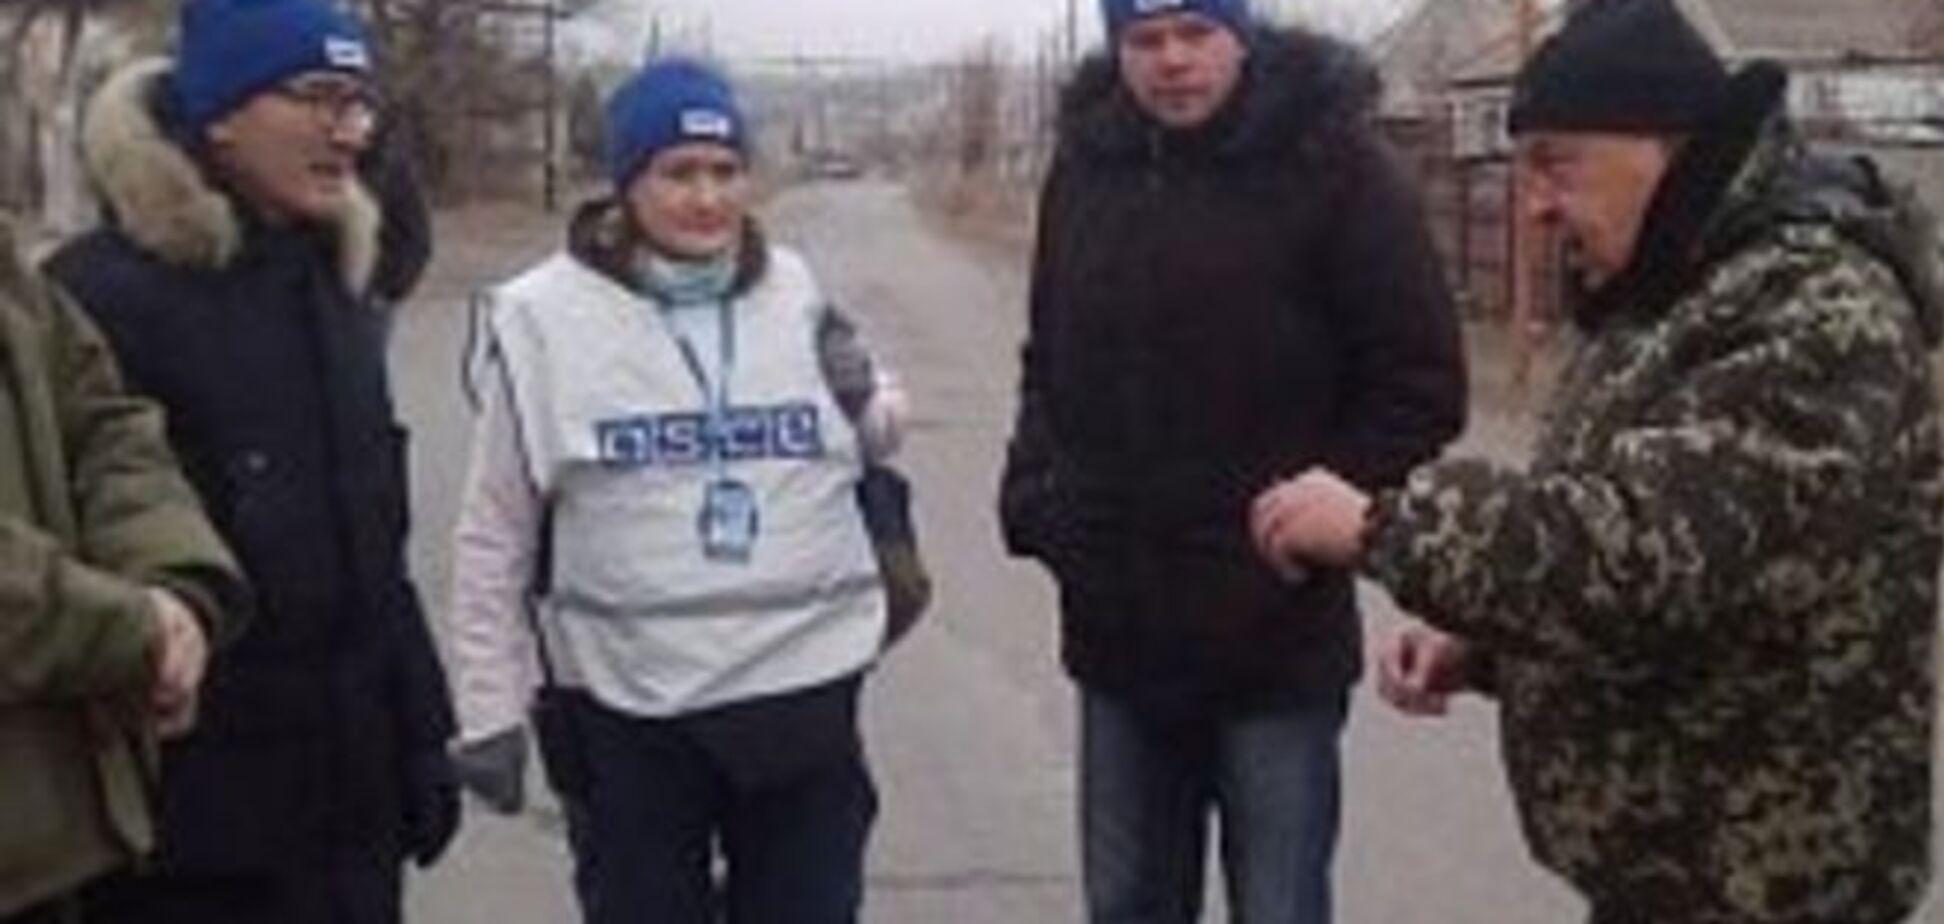 ОБСЕ не захотела ругаться с Москалем из-за пива и виски